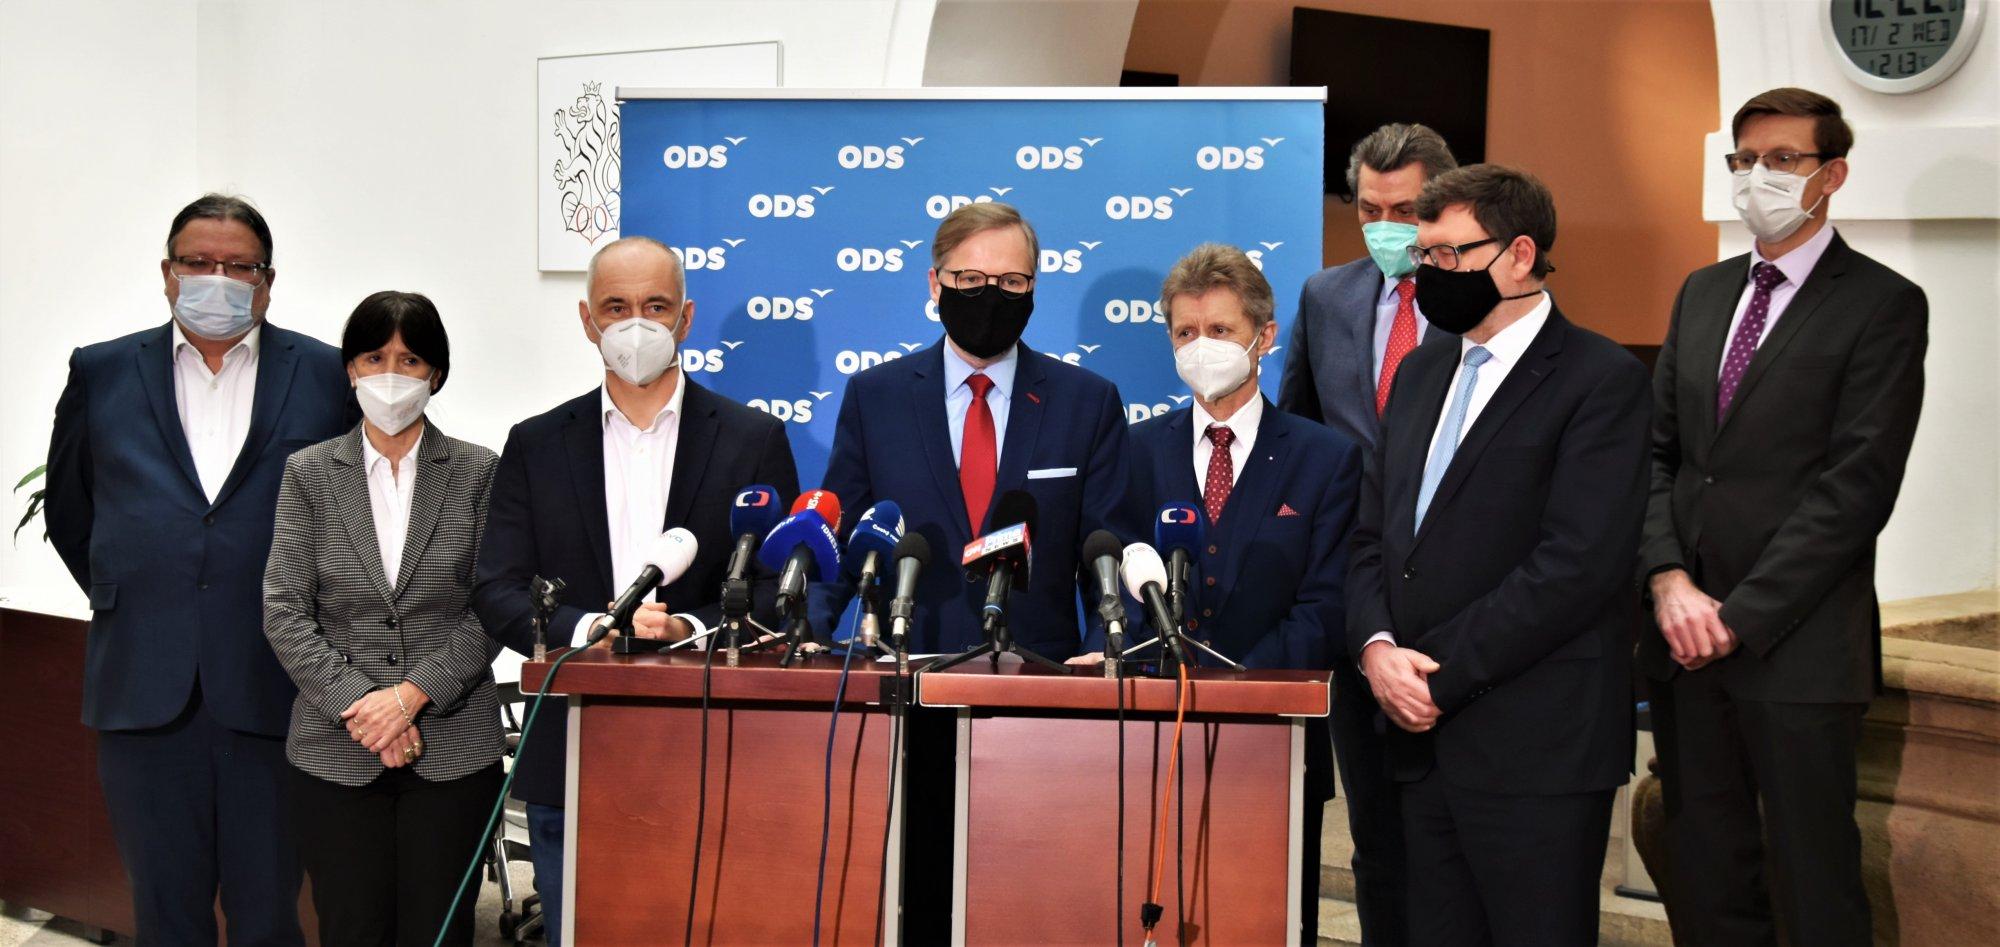 ODS: Zrušení nouzového stavu otevřelo prostor k jednání, s neústavností jeho opětovného vyhlášení se nesmíříme